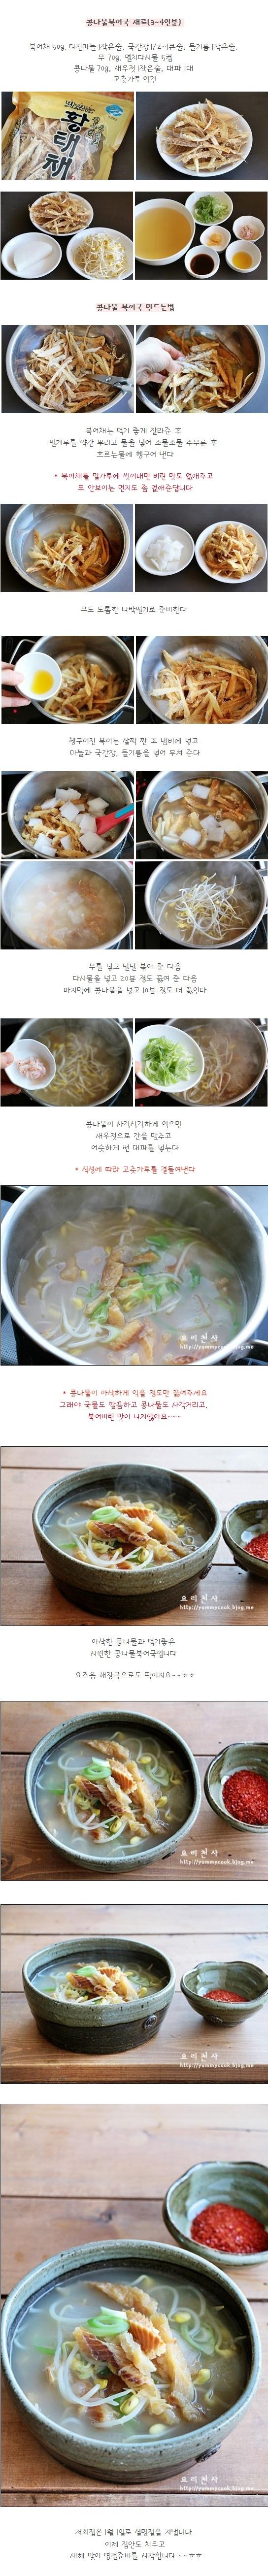 콩나물북어국 끓이는법, 시원한 황태국이랍니다